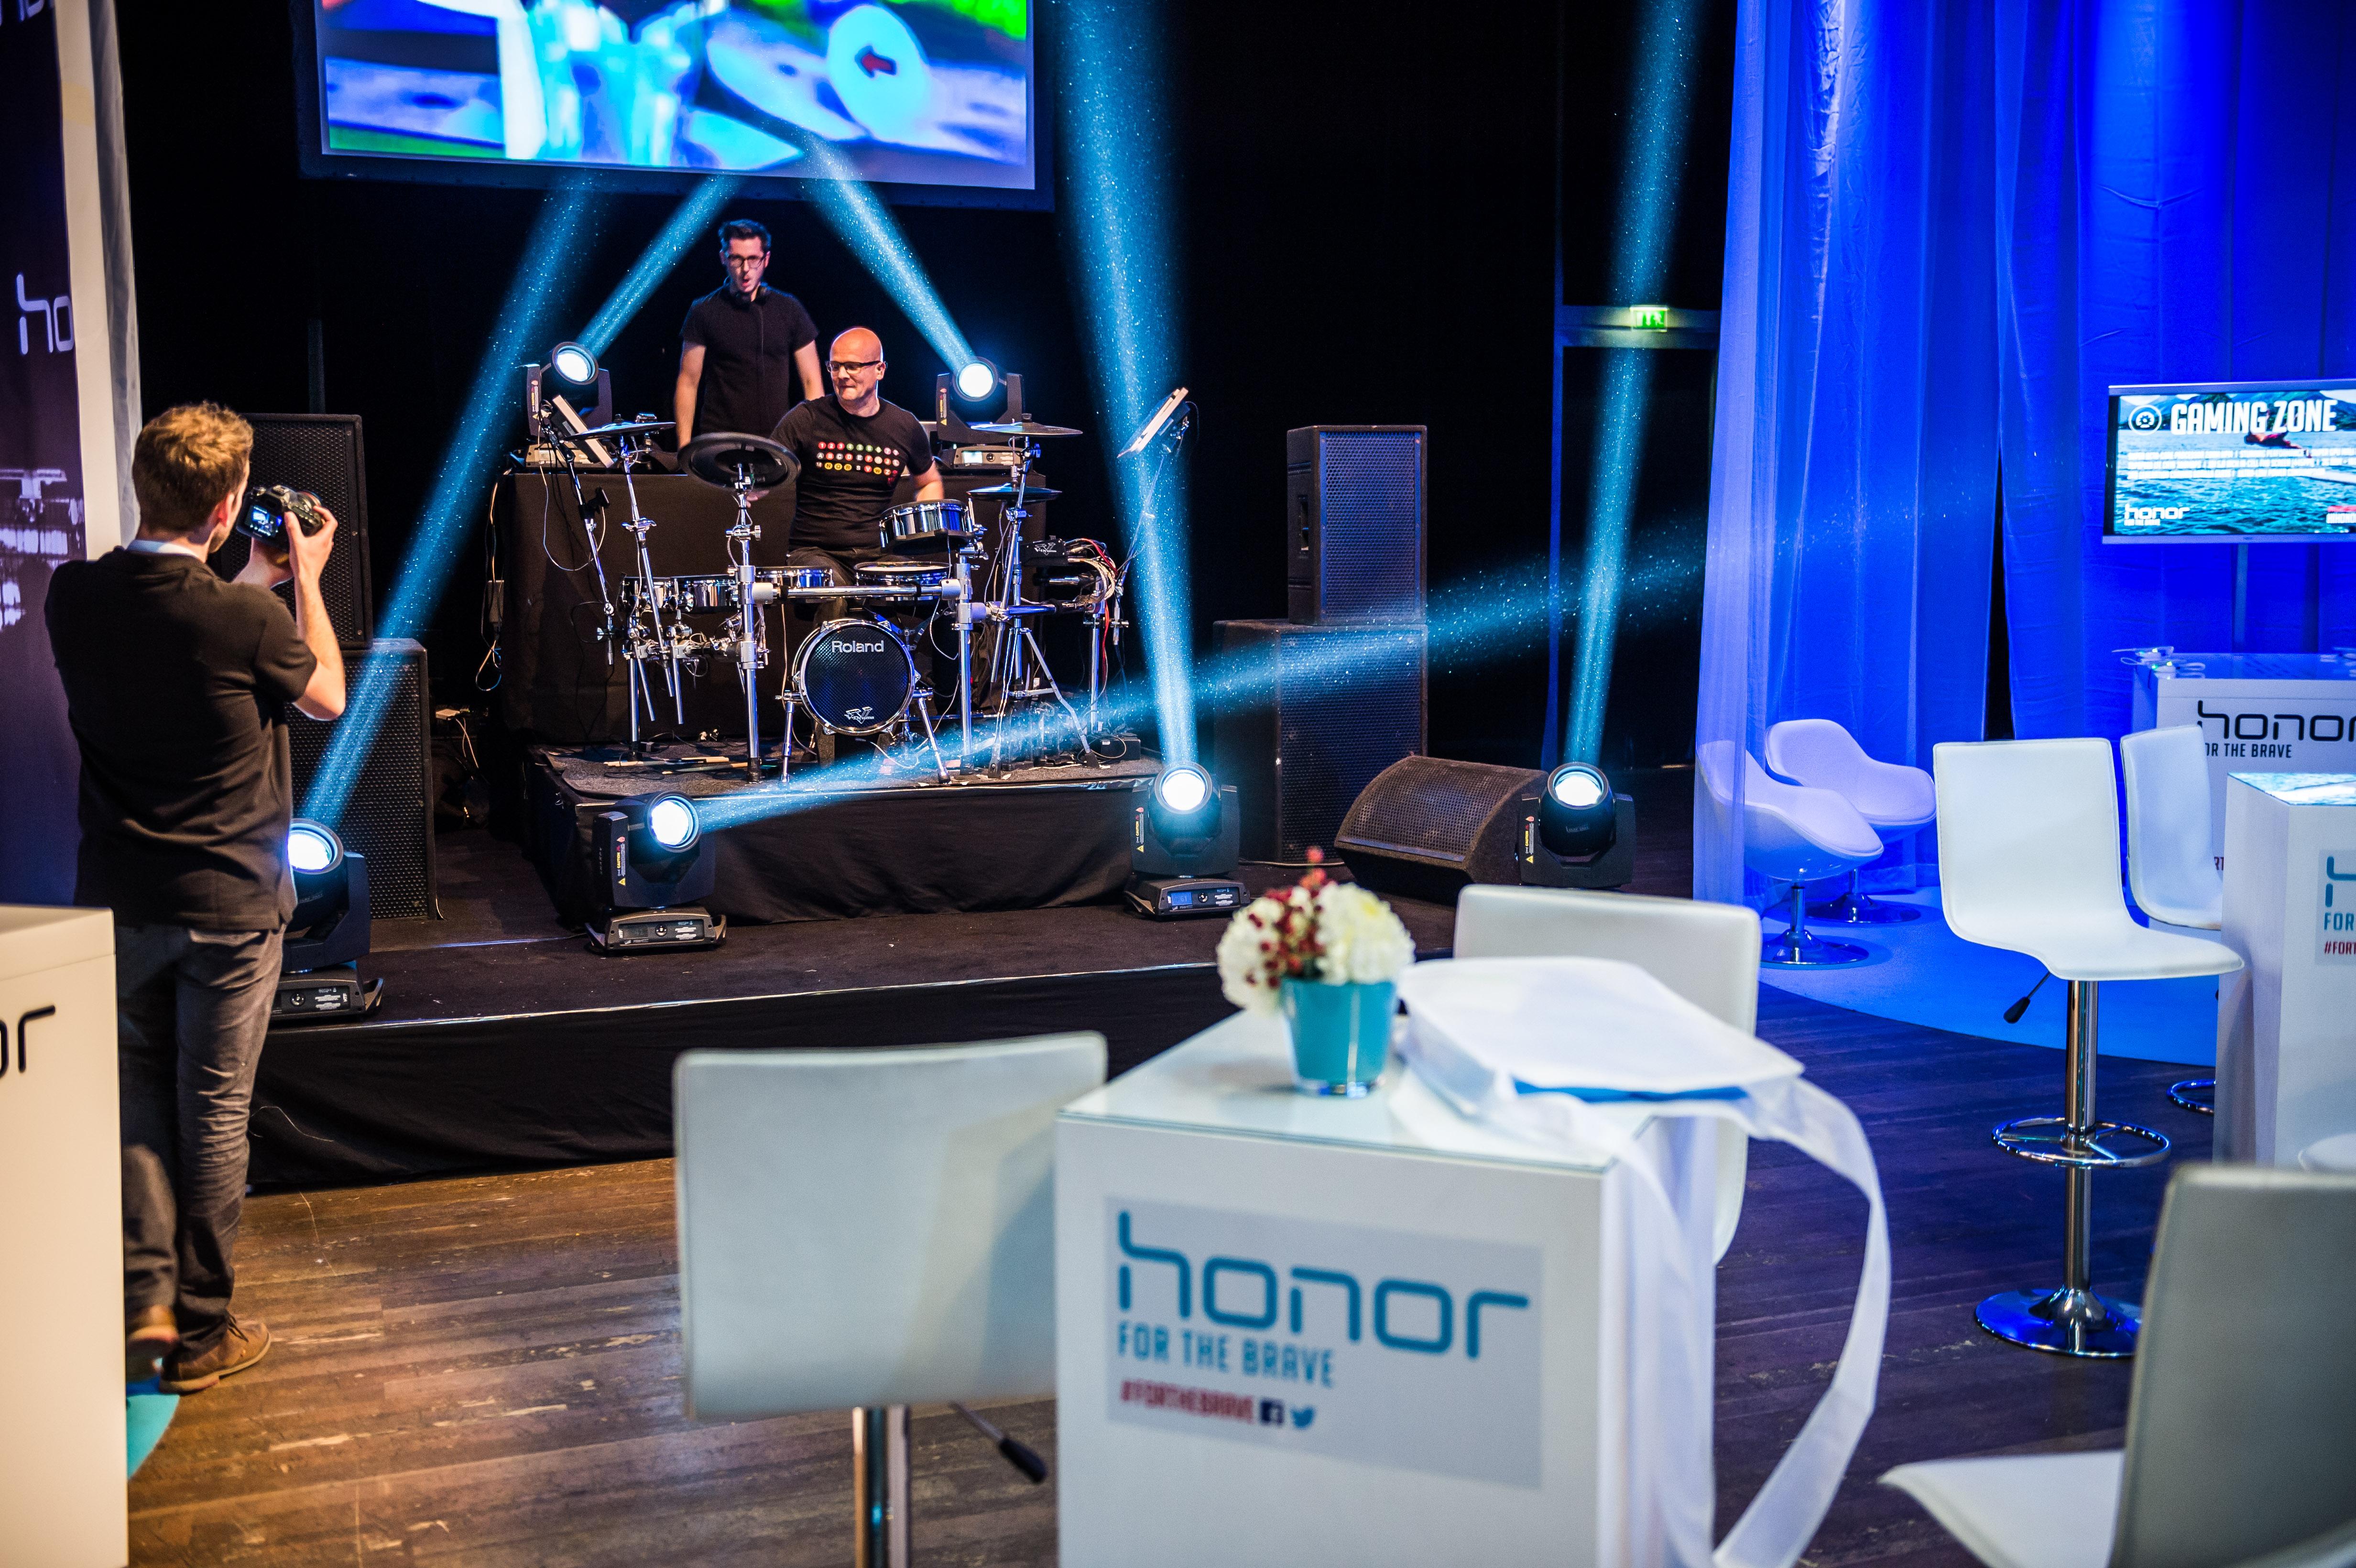 Honor European Launch